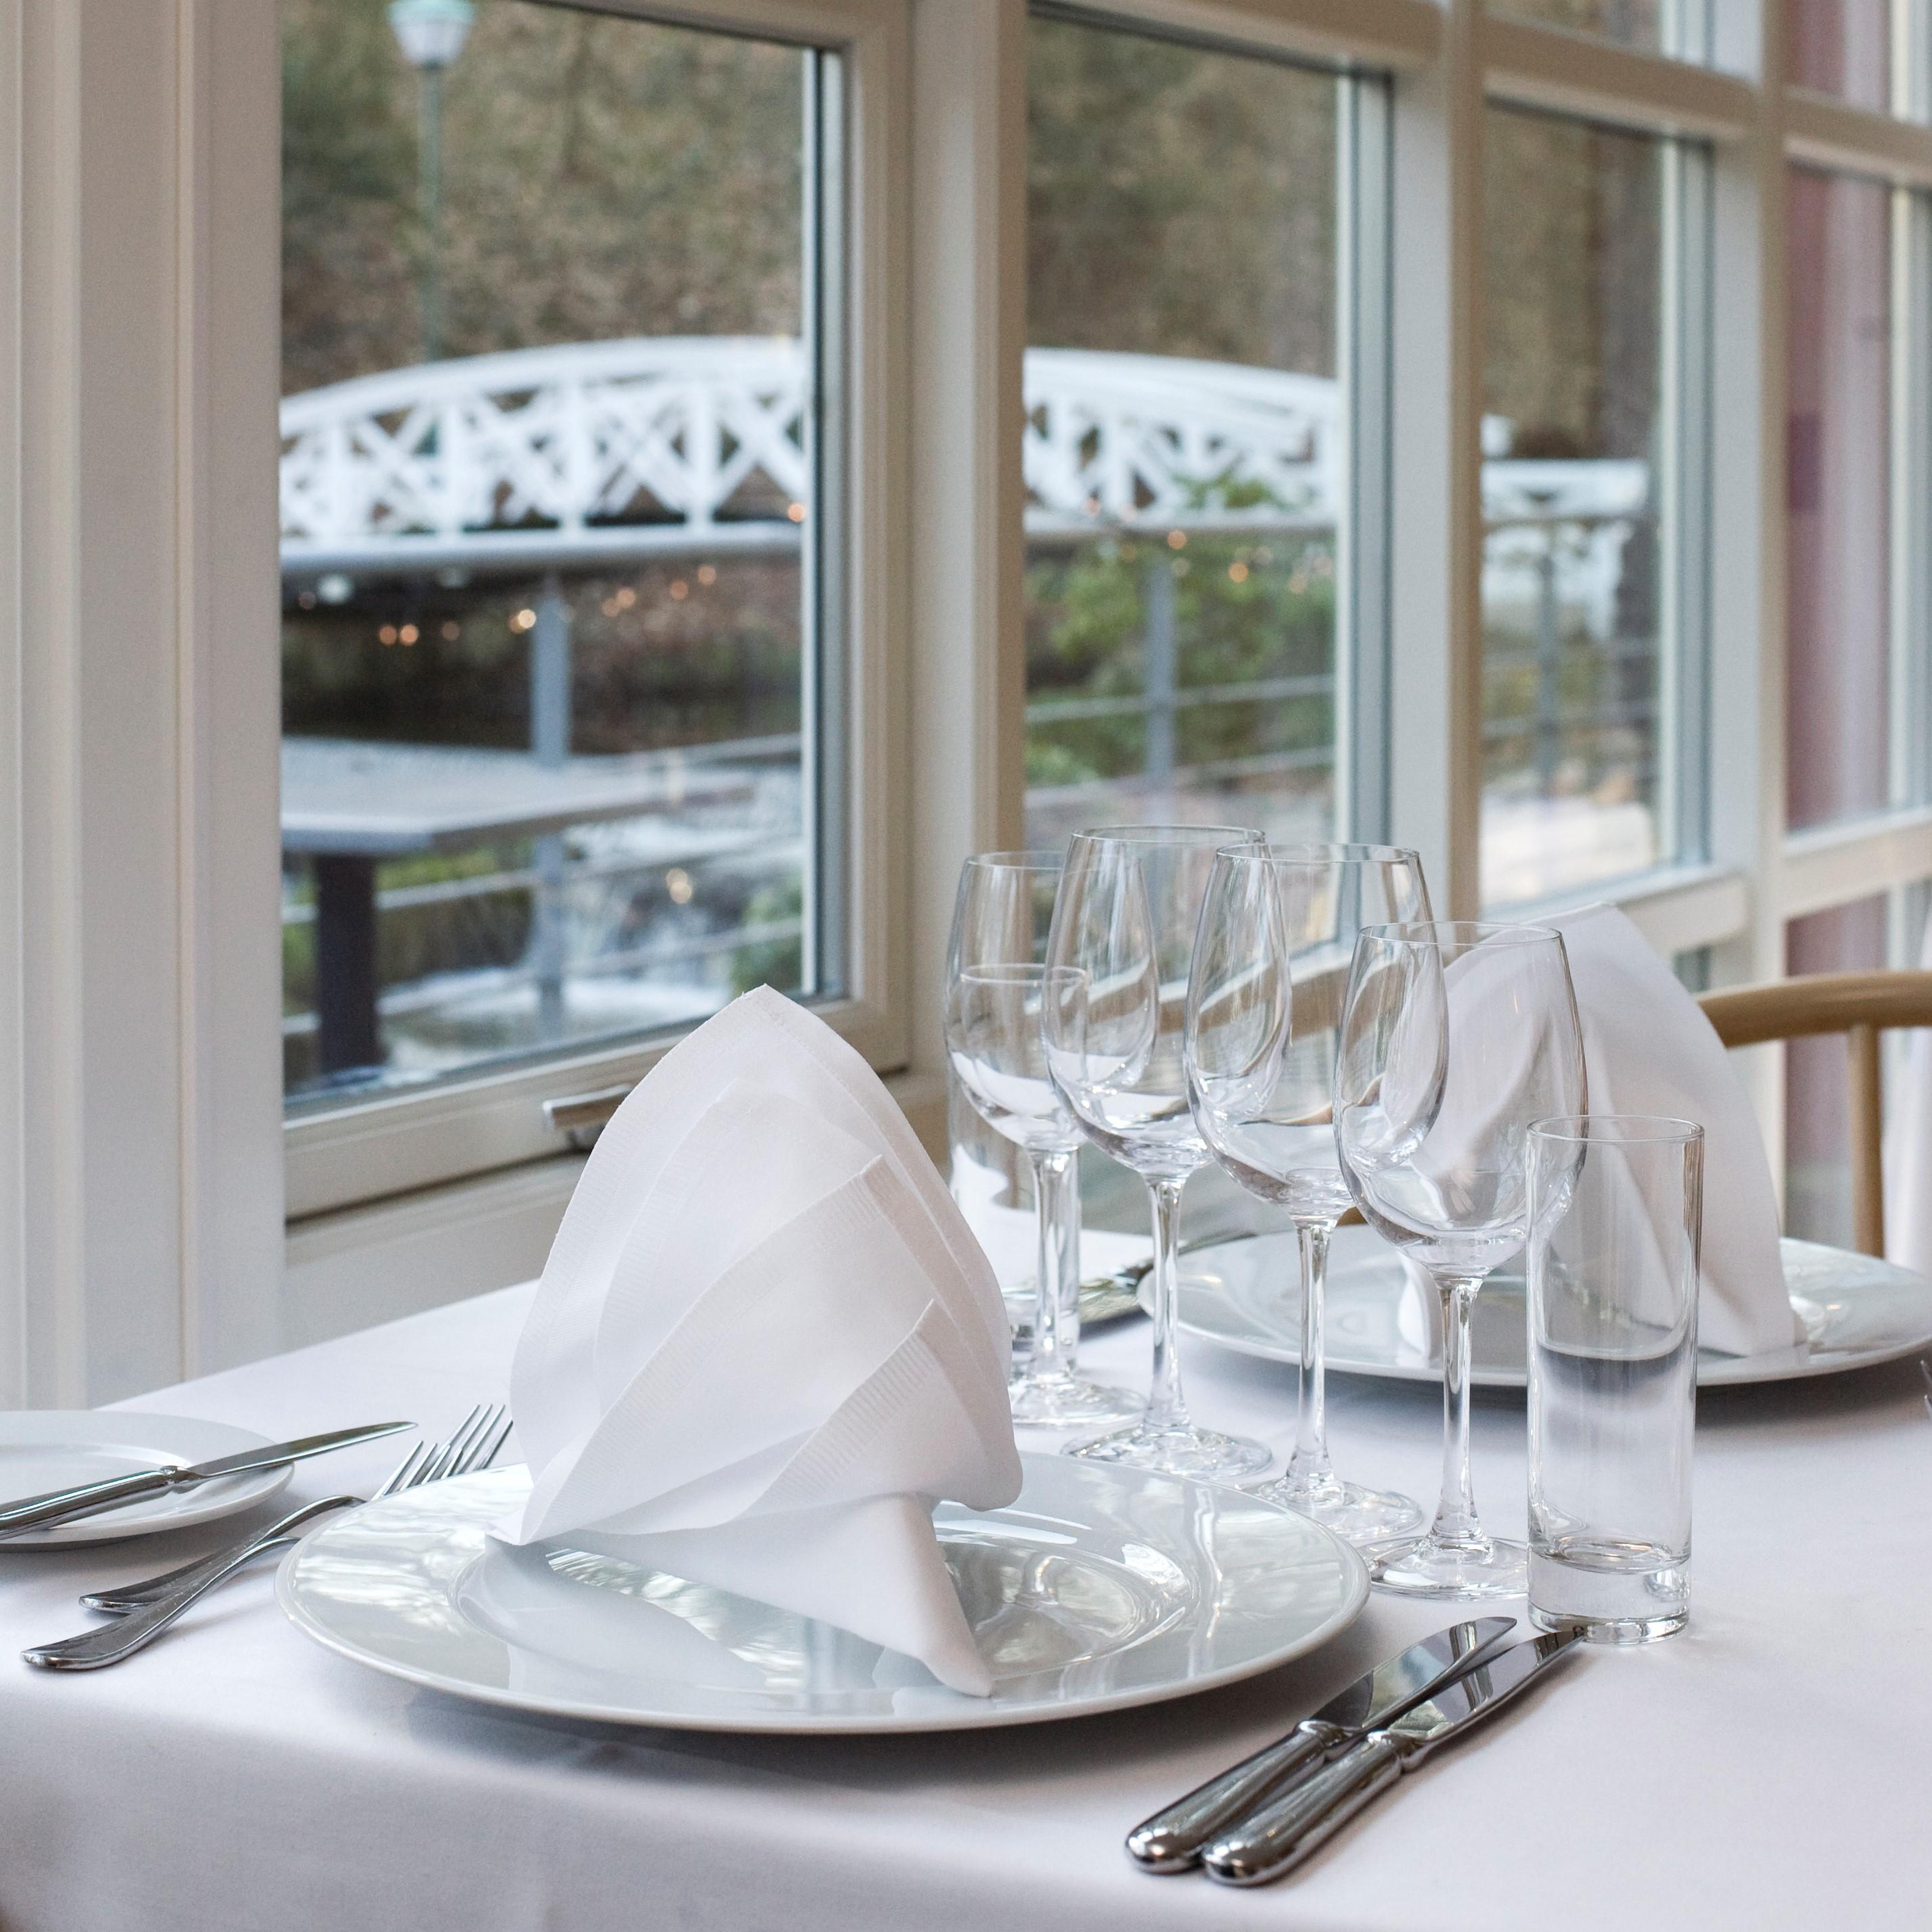 Restaurant Møllehuset selskaber lokaler verandaen